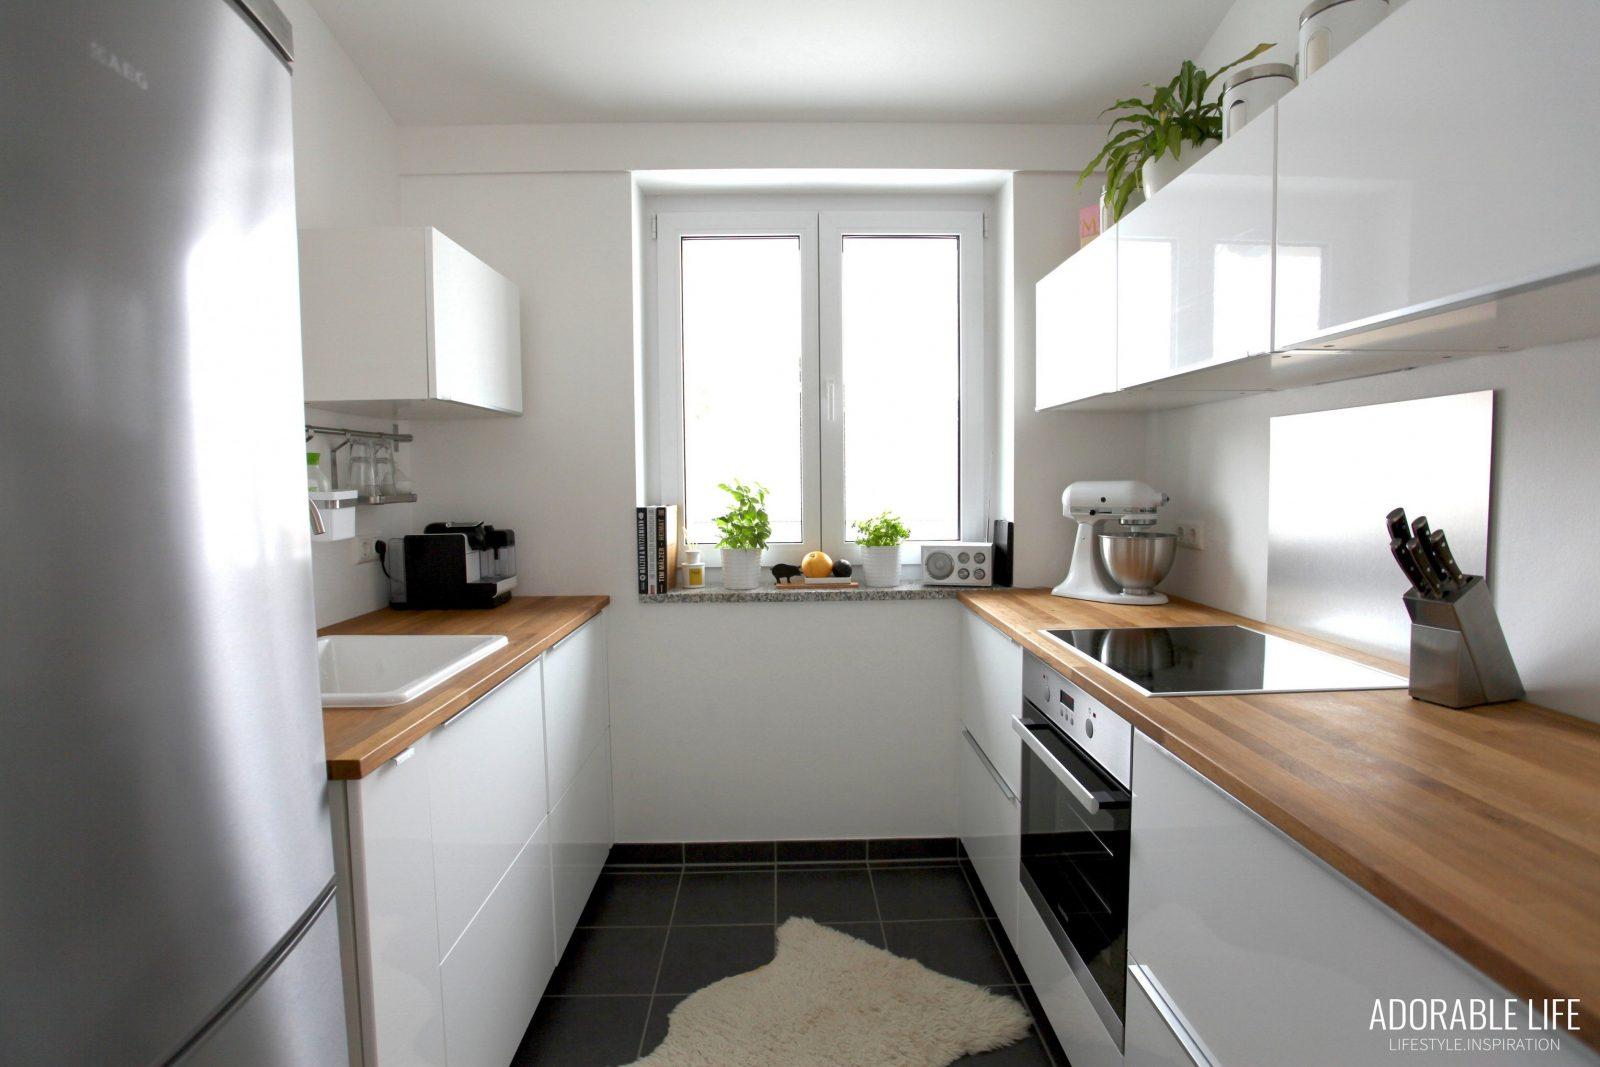 Kosten Küche  Uruenavilladellibro  Uruenavilladellibro von Was Kostet Eine Alno Küche Photo